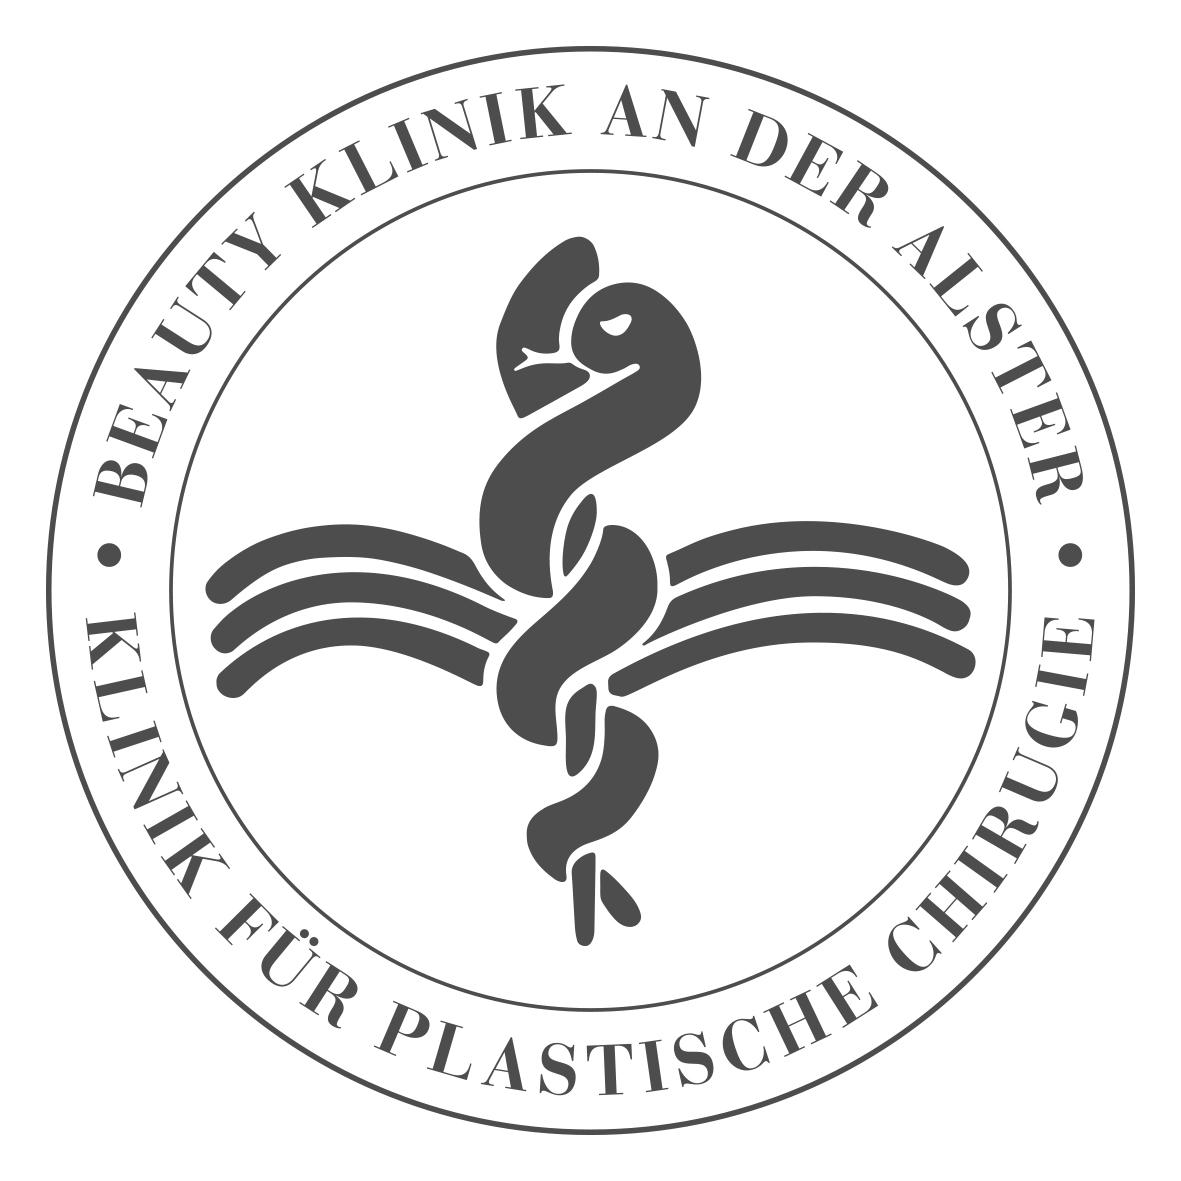 Männerbrust verkleinern Hamburg - Beauty Klinik an der Alster aus Hamburg